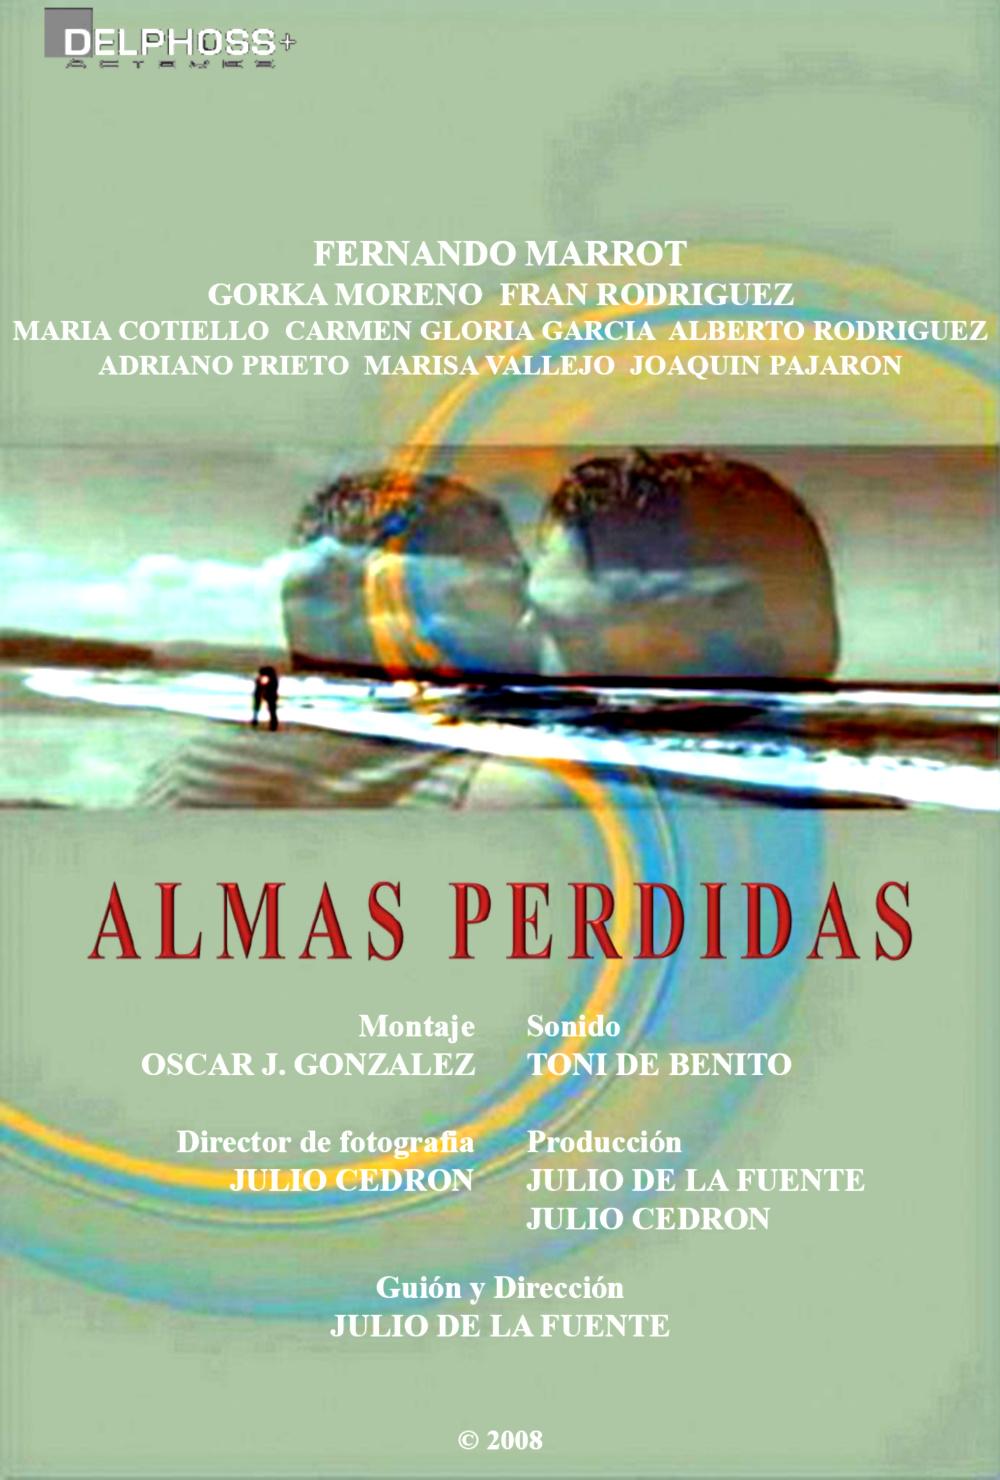 Almas Perdidas (2008) Lost Souls